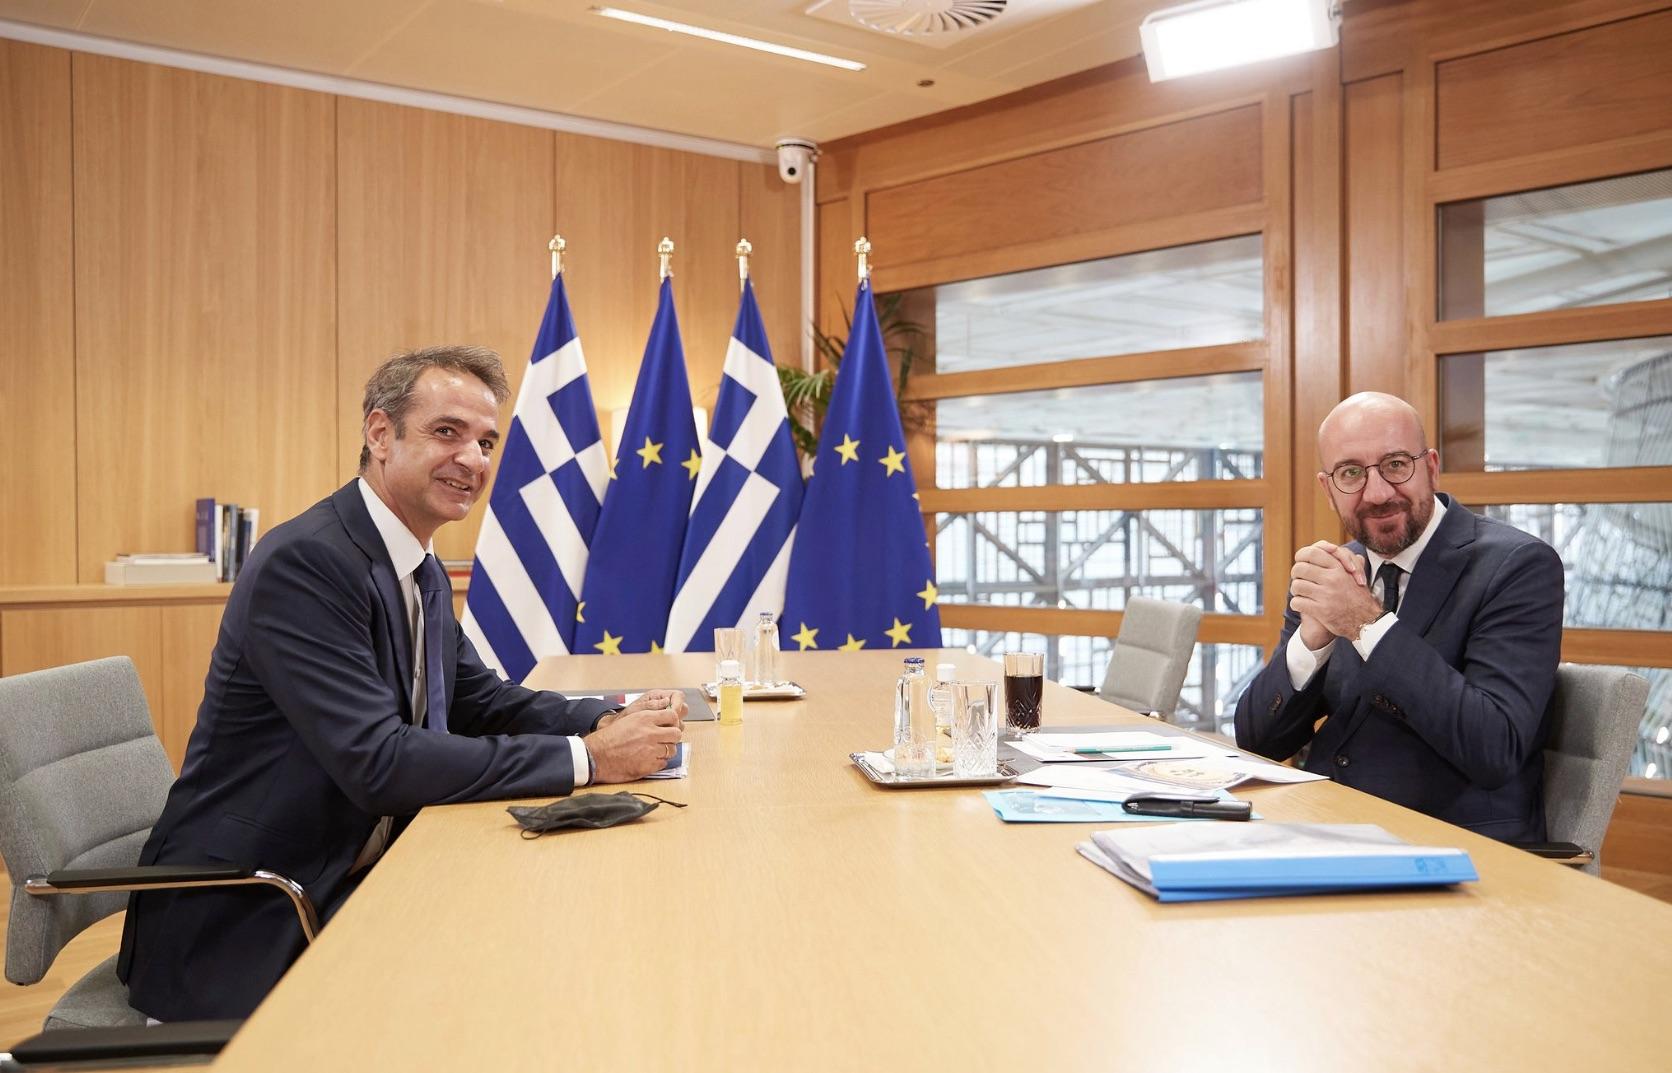 Mitsotakis: Grčka želi da održava dobrosusedske odnose bez tenzija u regionu